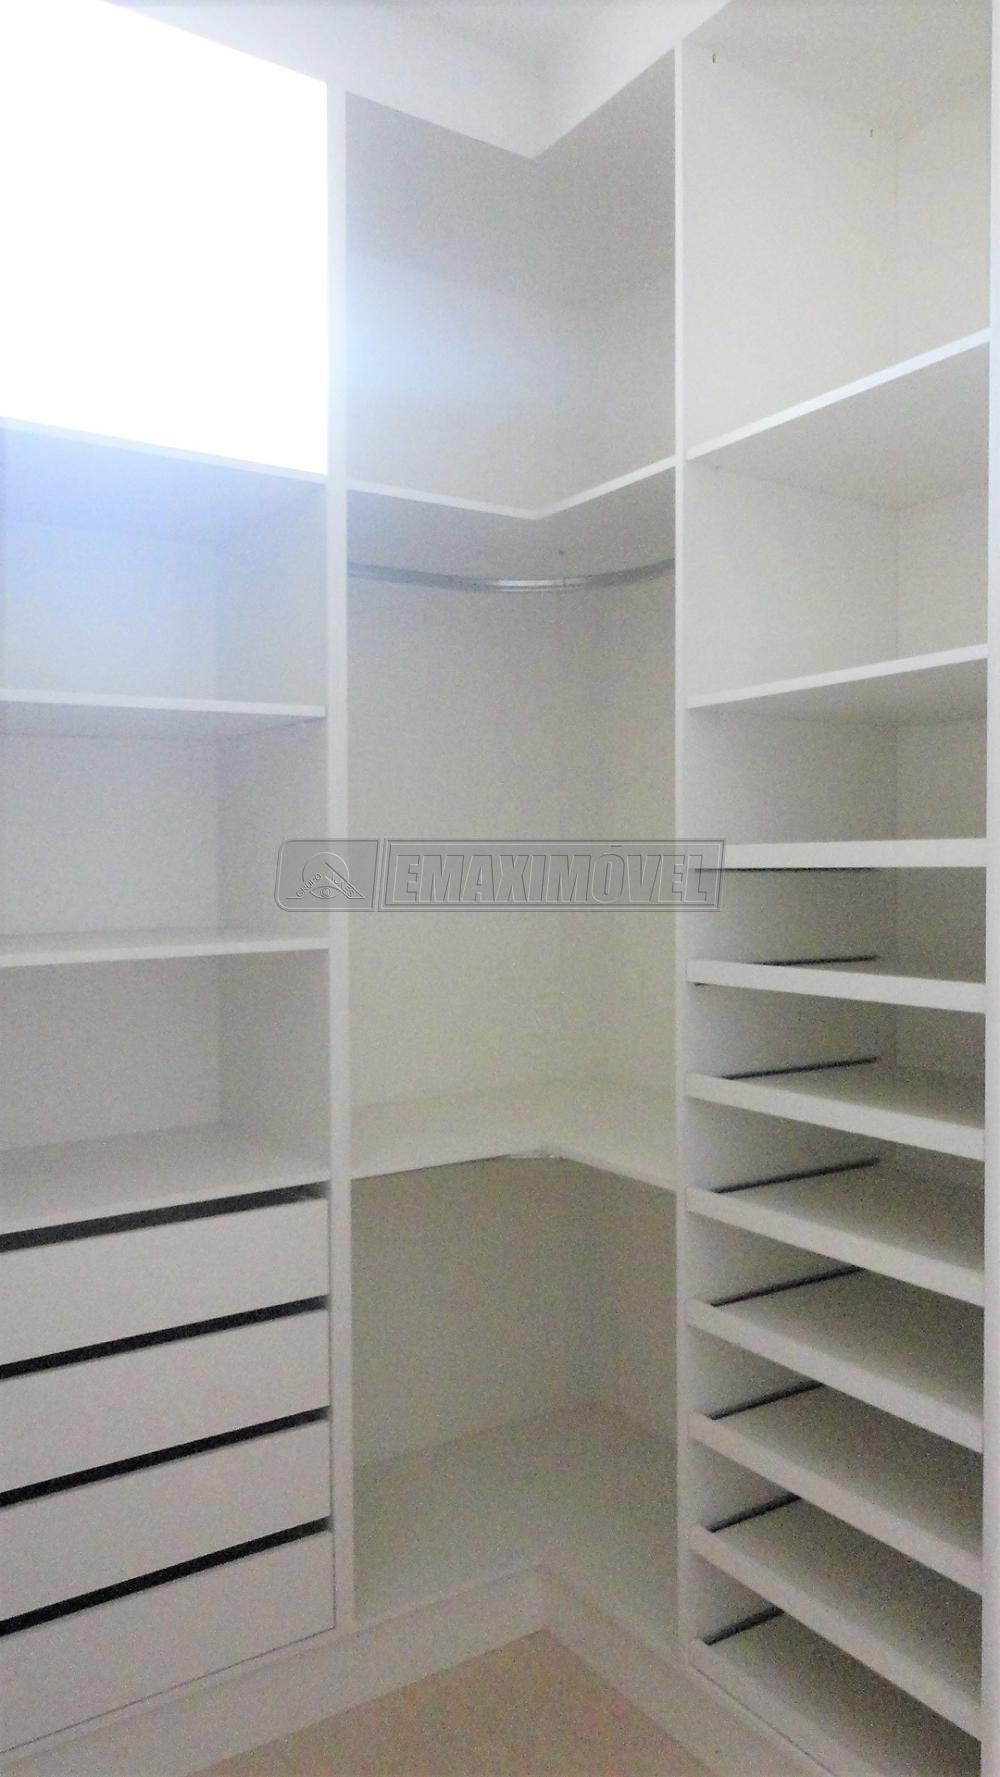 Comprar Casas / em Condomínios em Sorocaba apenas R$ 820.000,00 - Foto 20